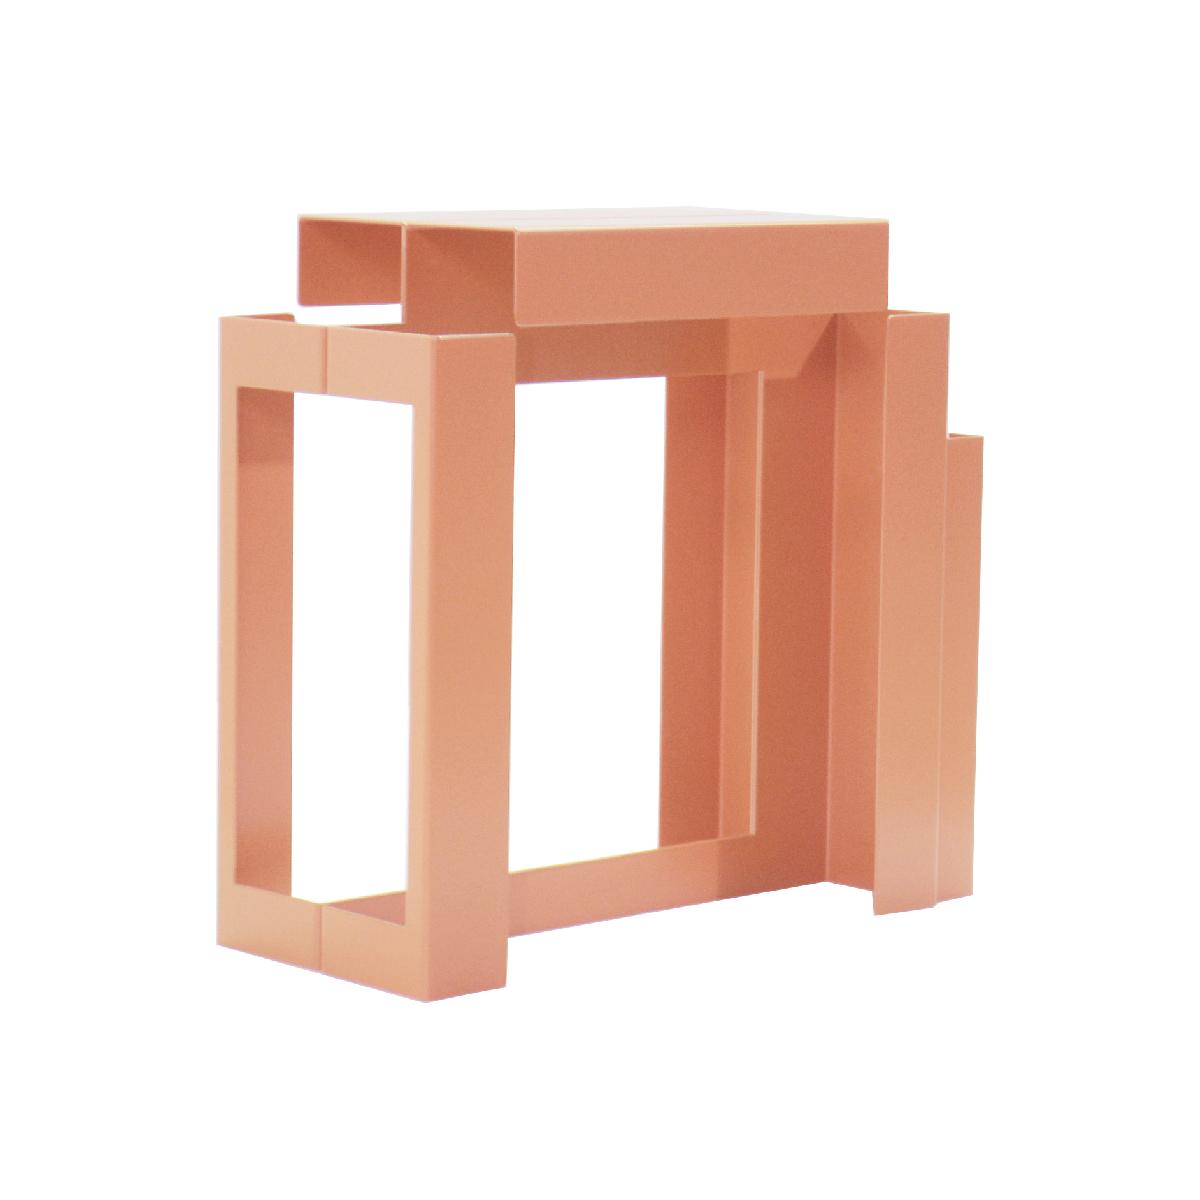 Elementy konstrukcji stalowych